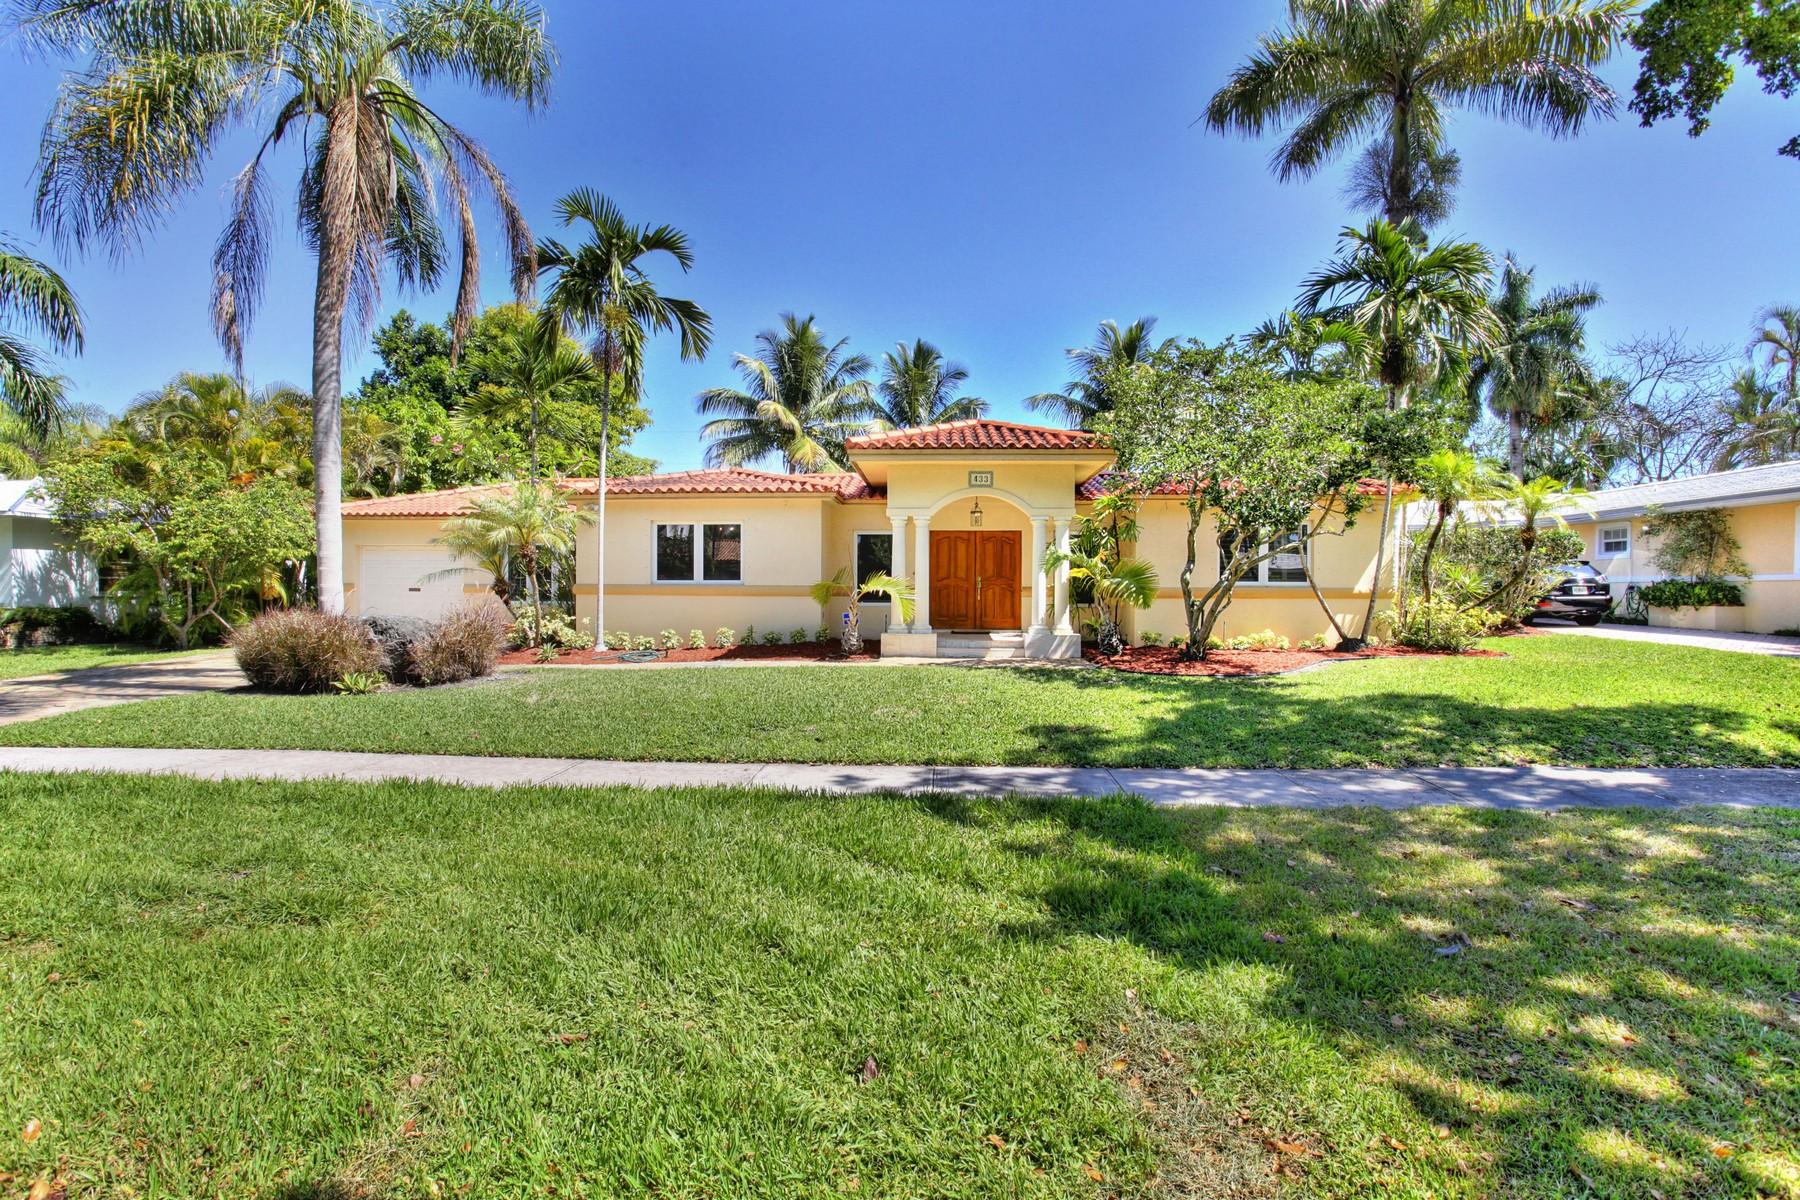 Casa para uma família para Venda às 433 Bargello Ave Coral Gables, Florida 33146 Estados Unidos